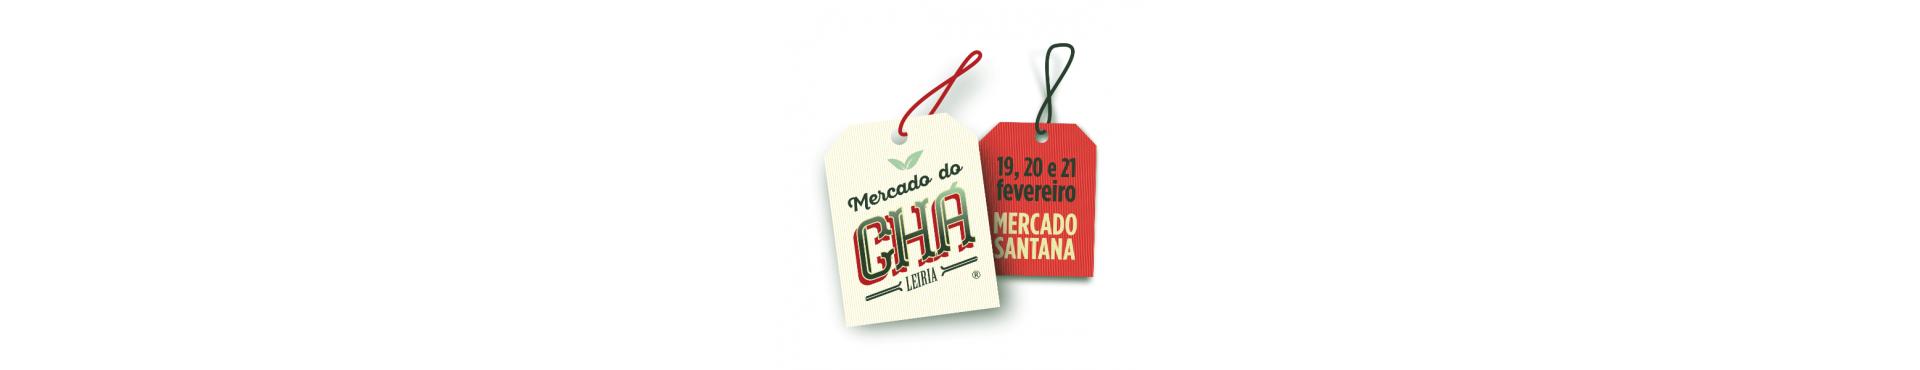 Mercado do Chá ® - Marcas de Chá Portuguesas | Marca de chás em Portugal